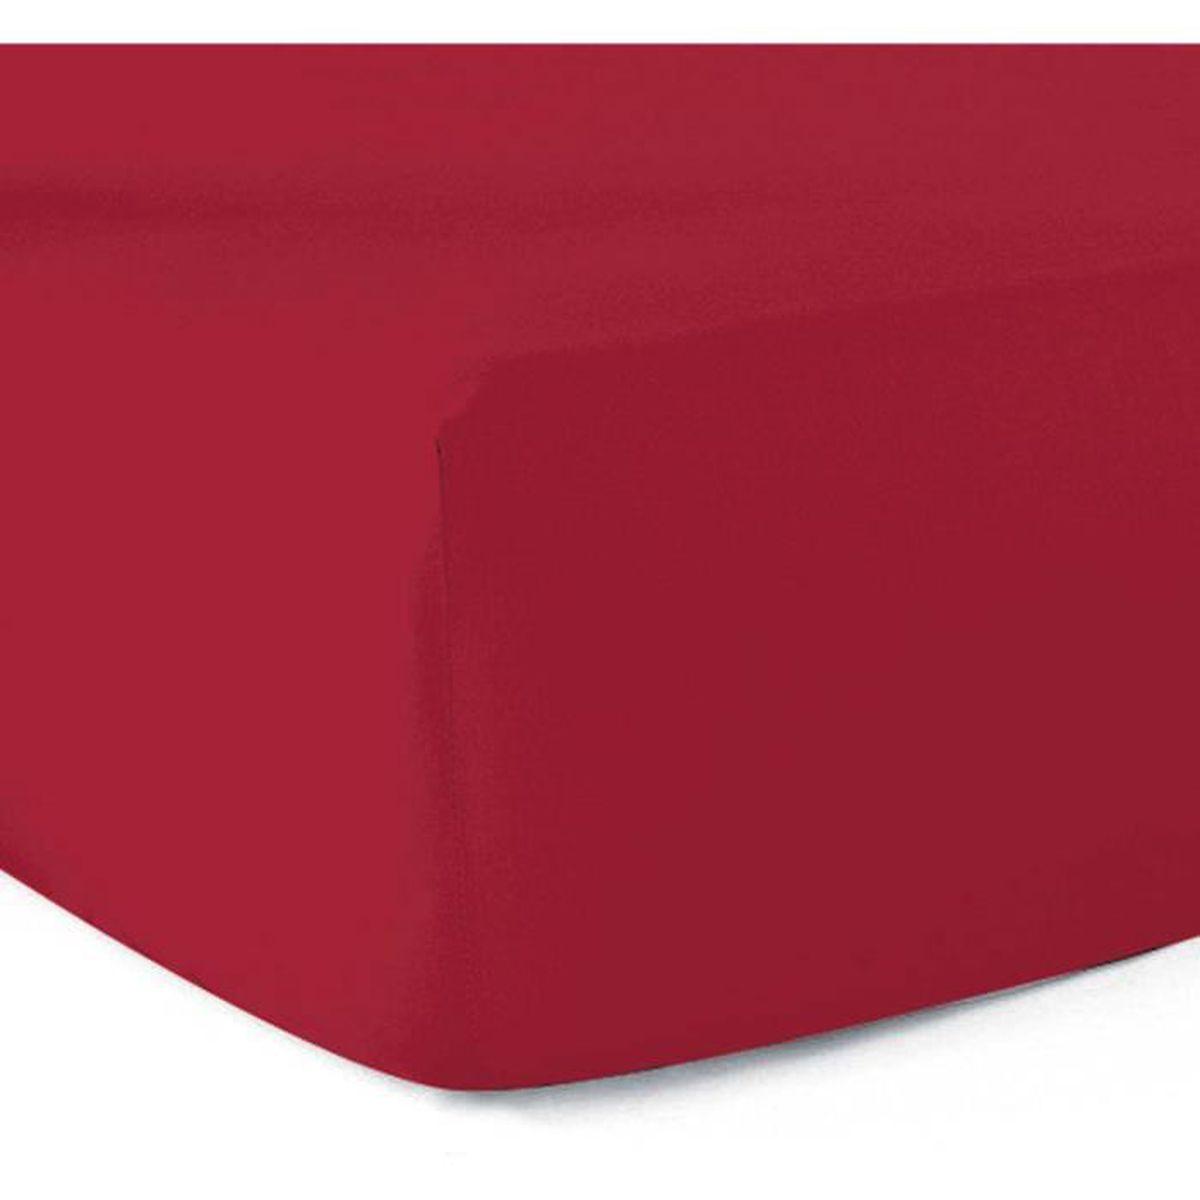 drap housse 140x190 rouge Drap housse 140x190   100% coton 57 fils   Rouge   Achat / Vente  drap housse 140x190 rouge